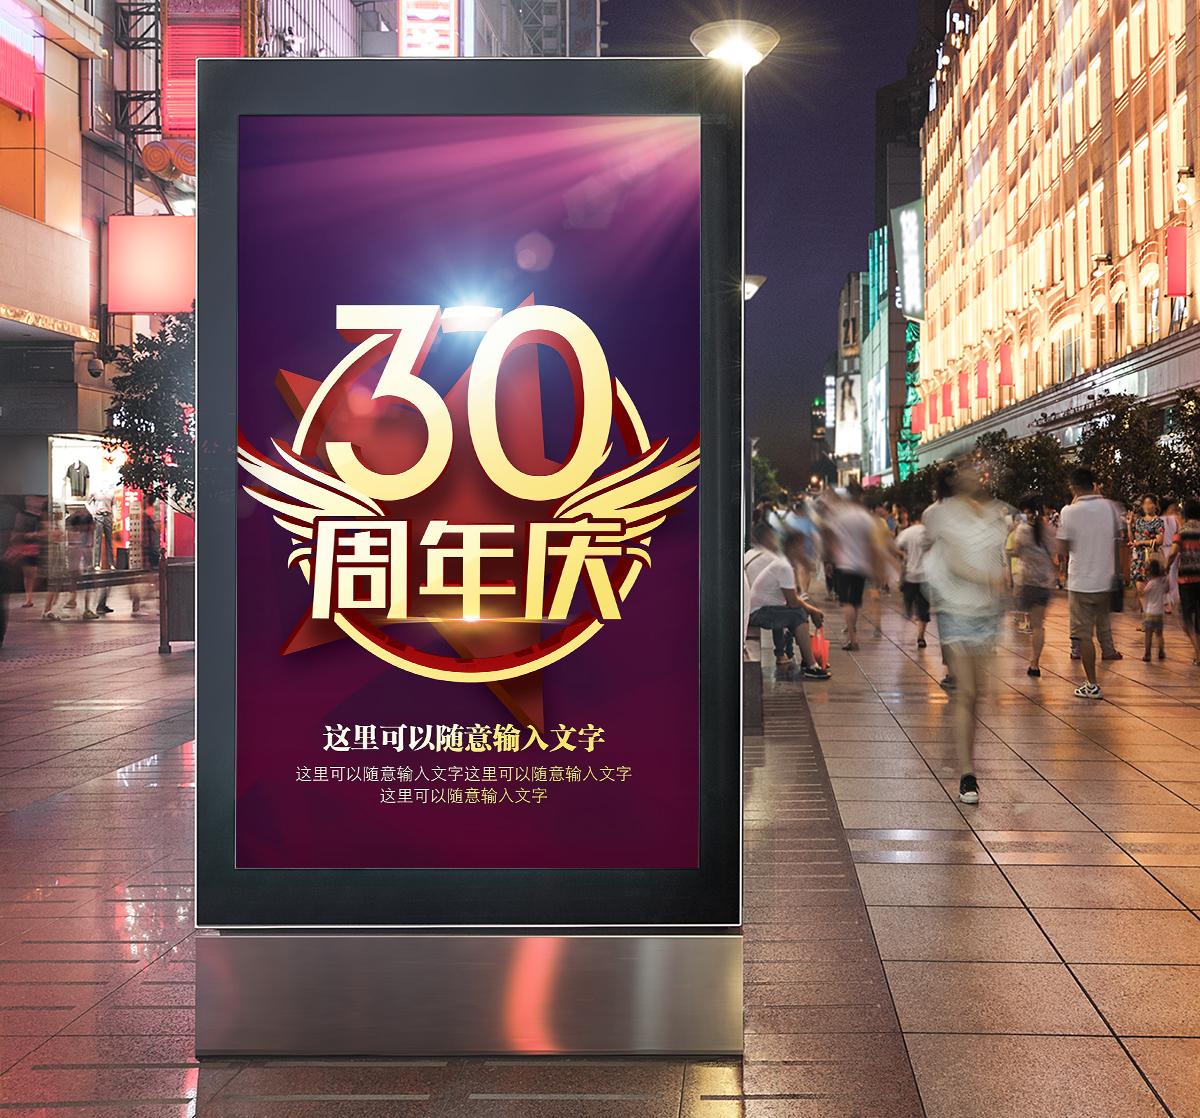 30周年店庆 PSD模板源文件下载